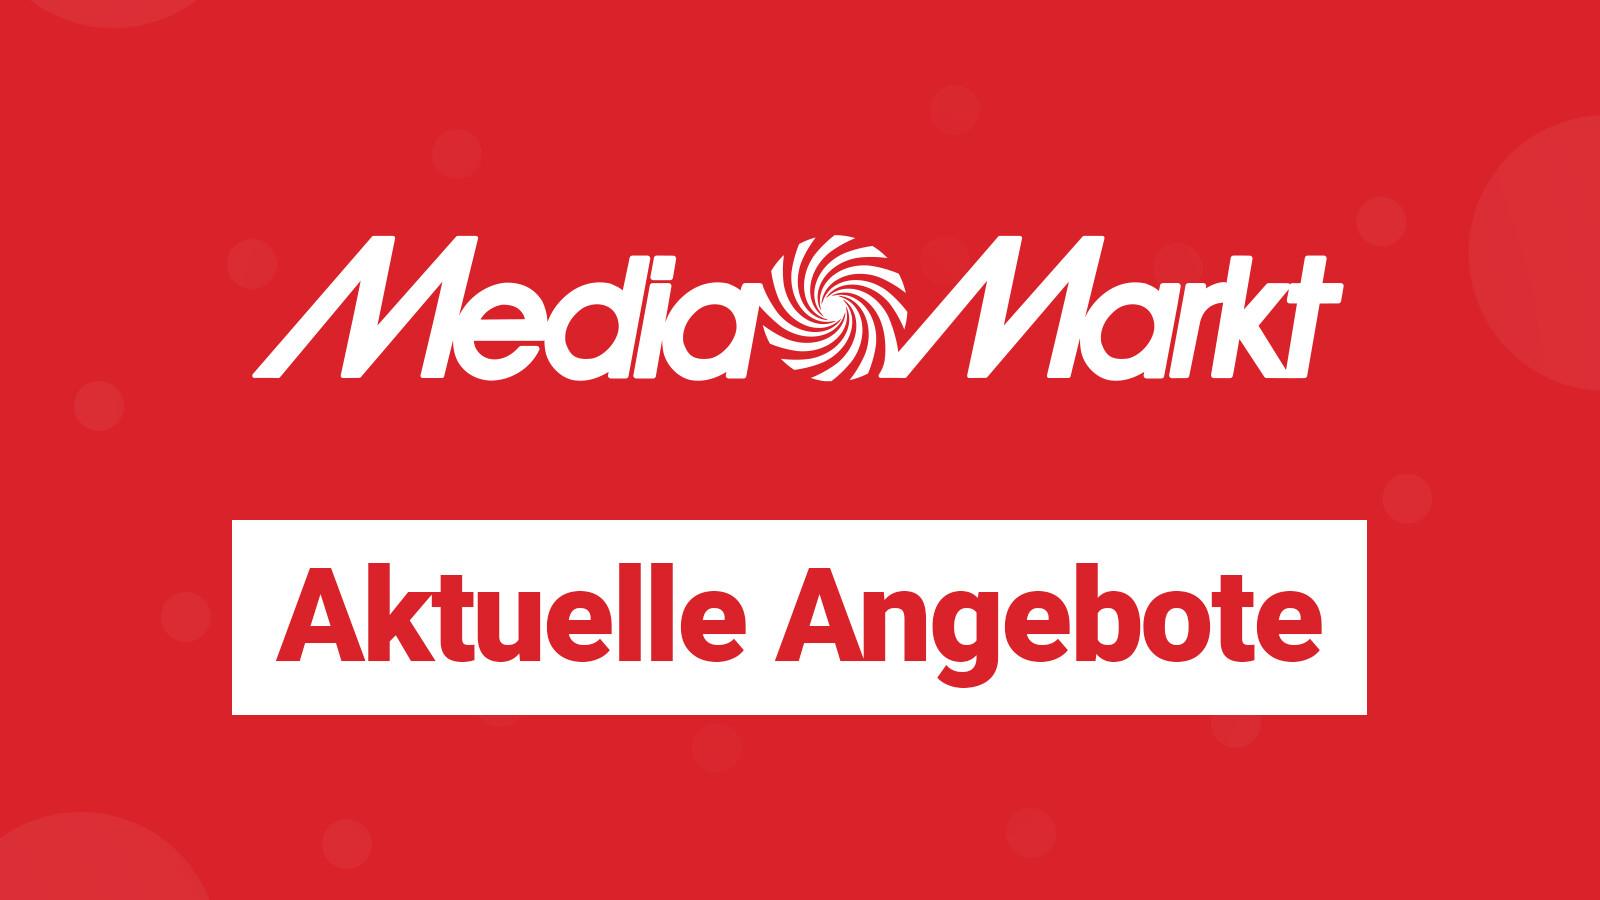 mediamarkt online bestellen